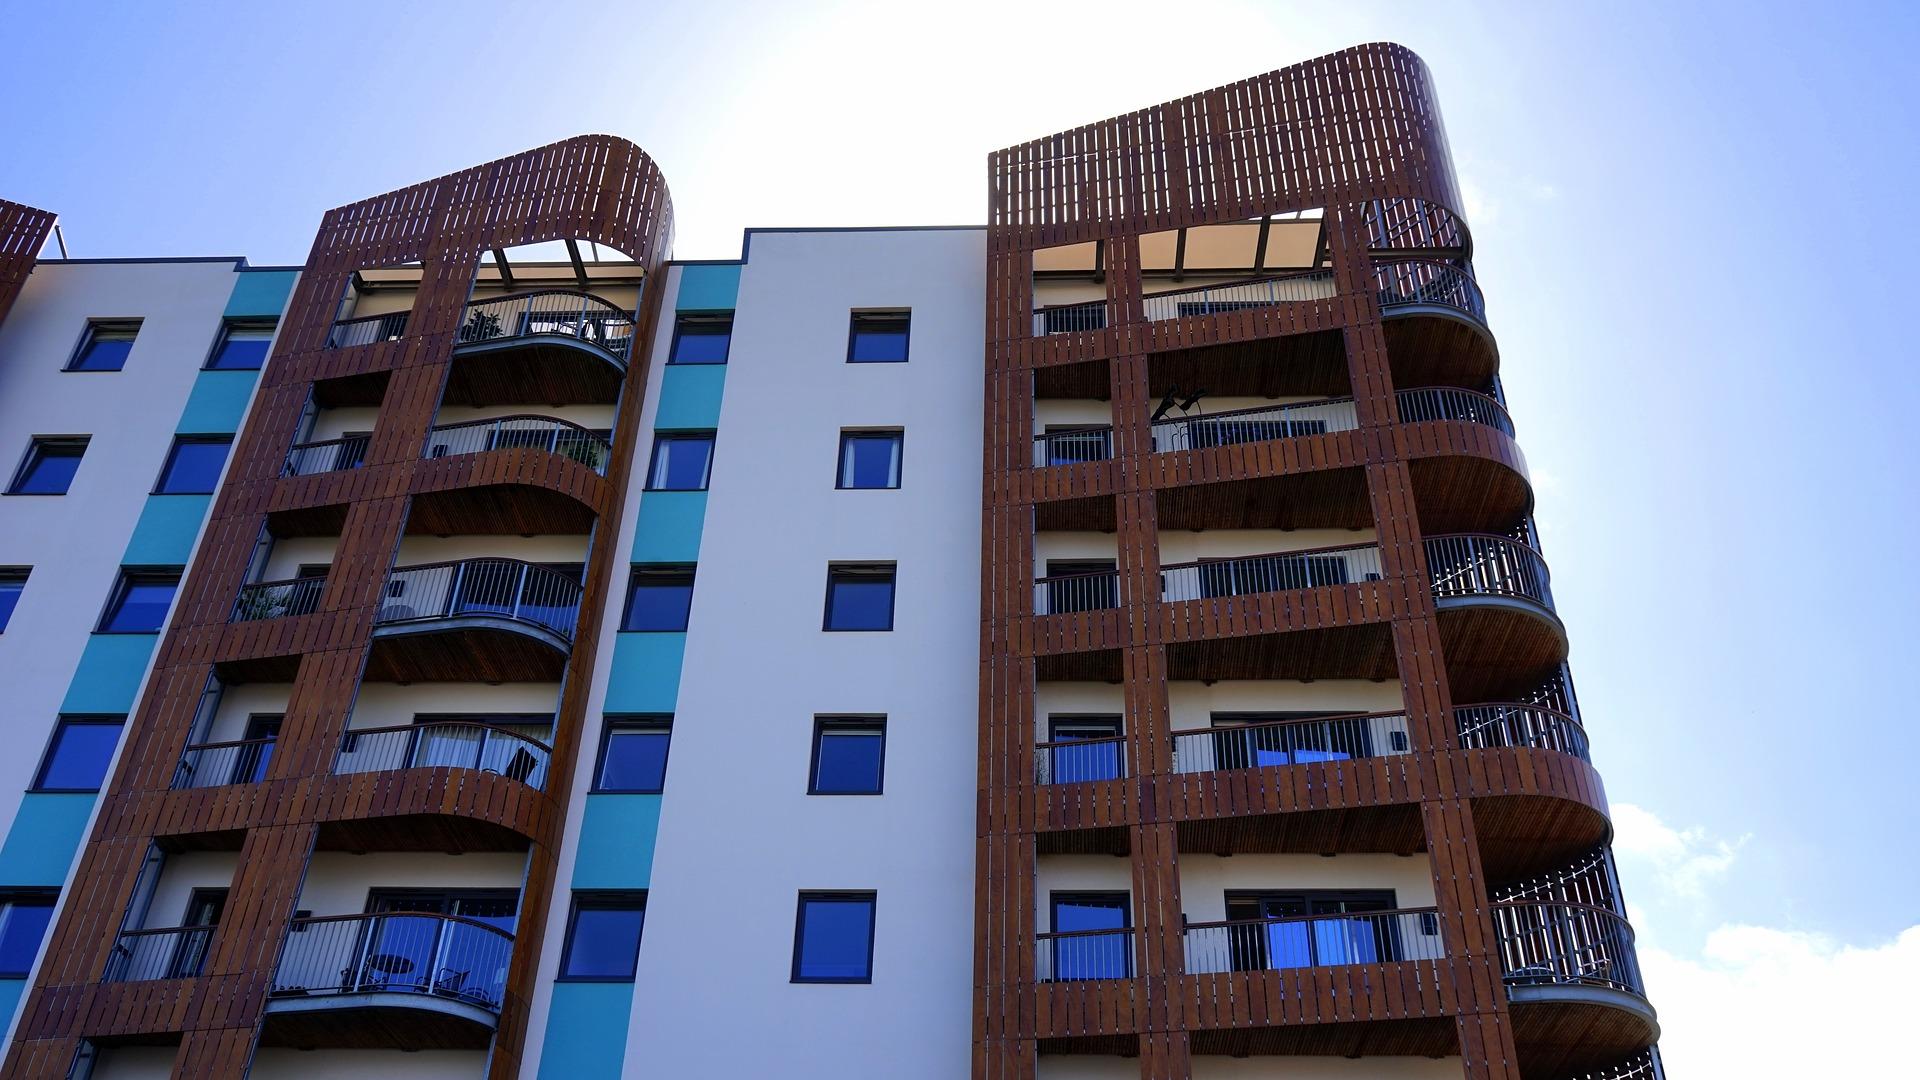 Baugutachter für Immobilienbewertung in Aschaffenburg